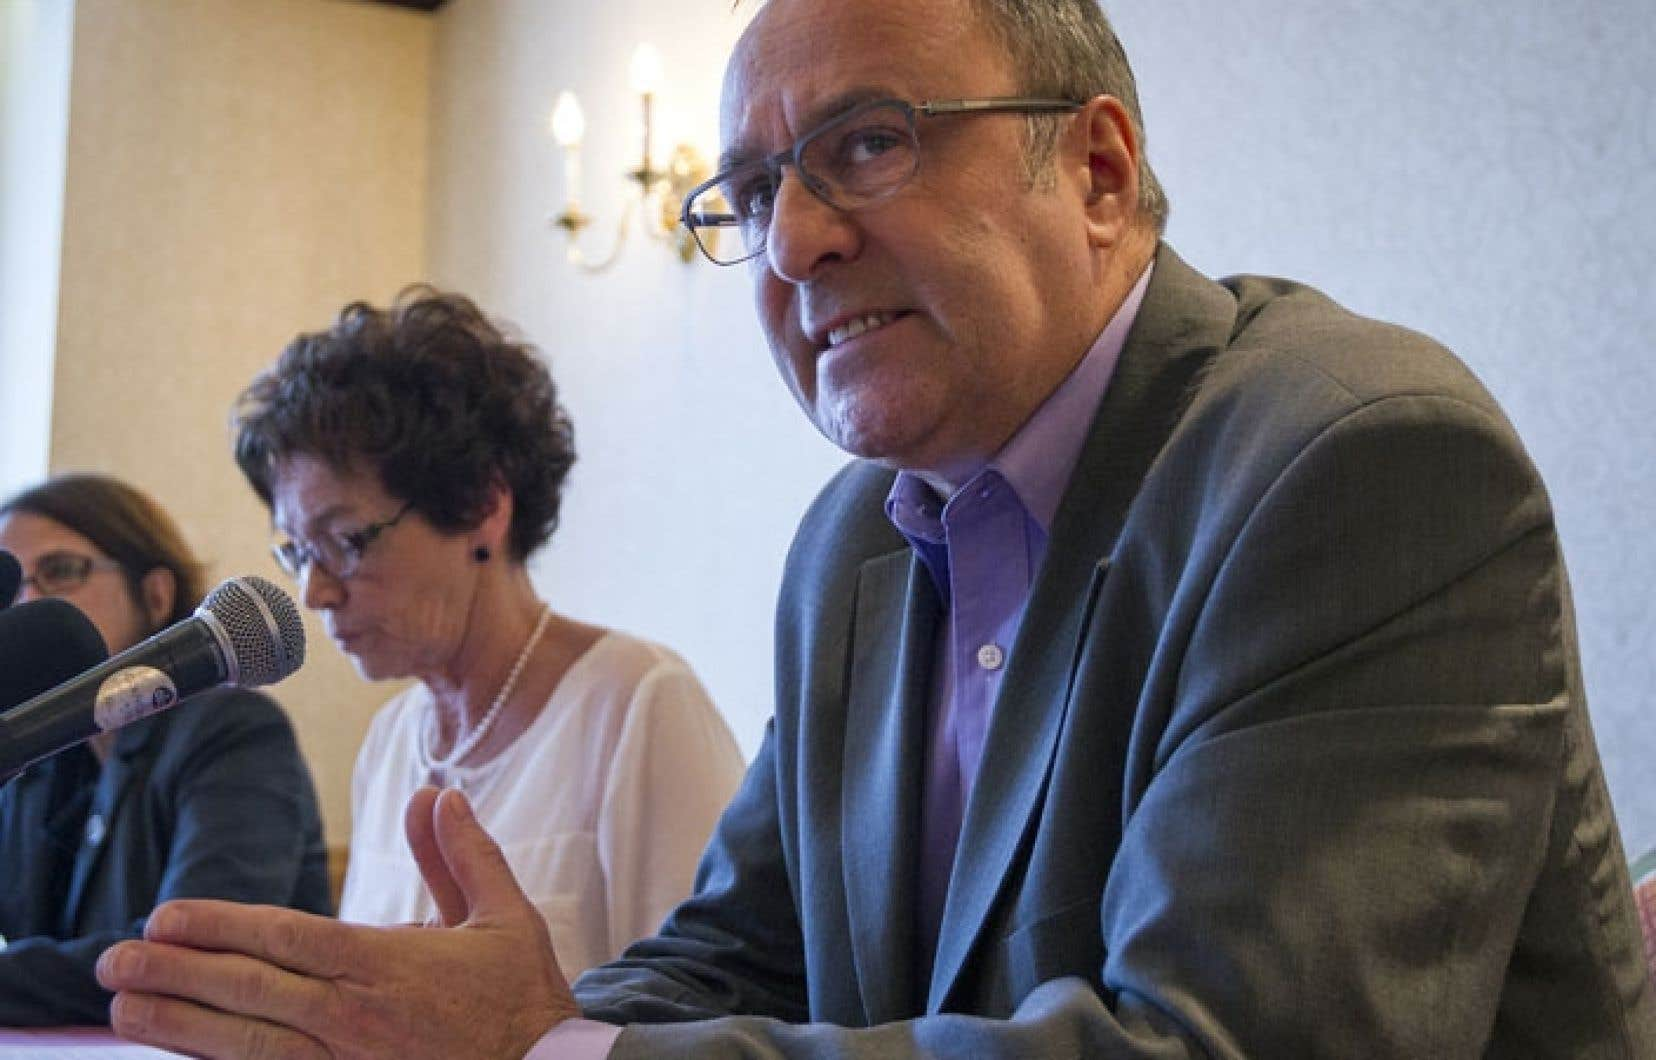 Daniel Boyer, président de la FTQ, a présenté avec ses collègues du Front commun syndical 2015 les demandes que comptent faire les employés de la fonction publique au gouvernement du Québec.